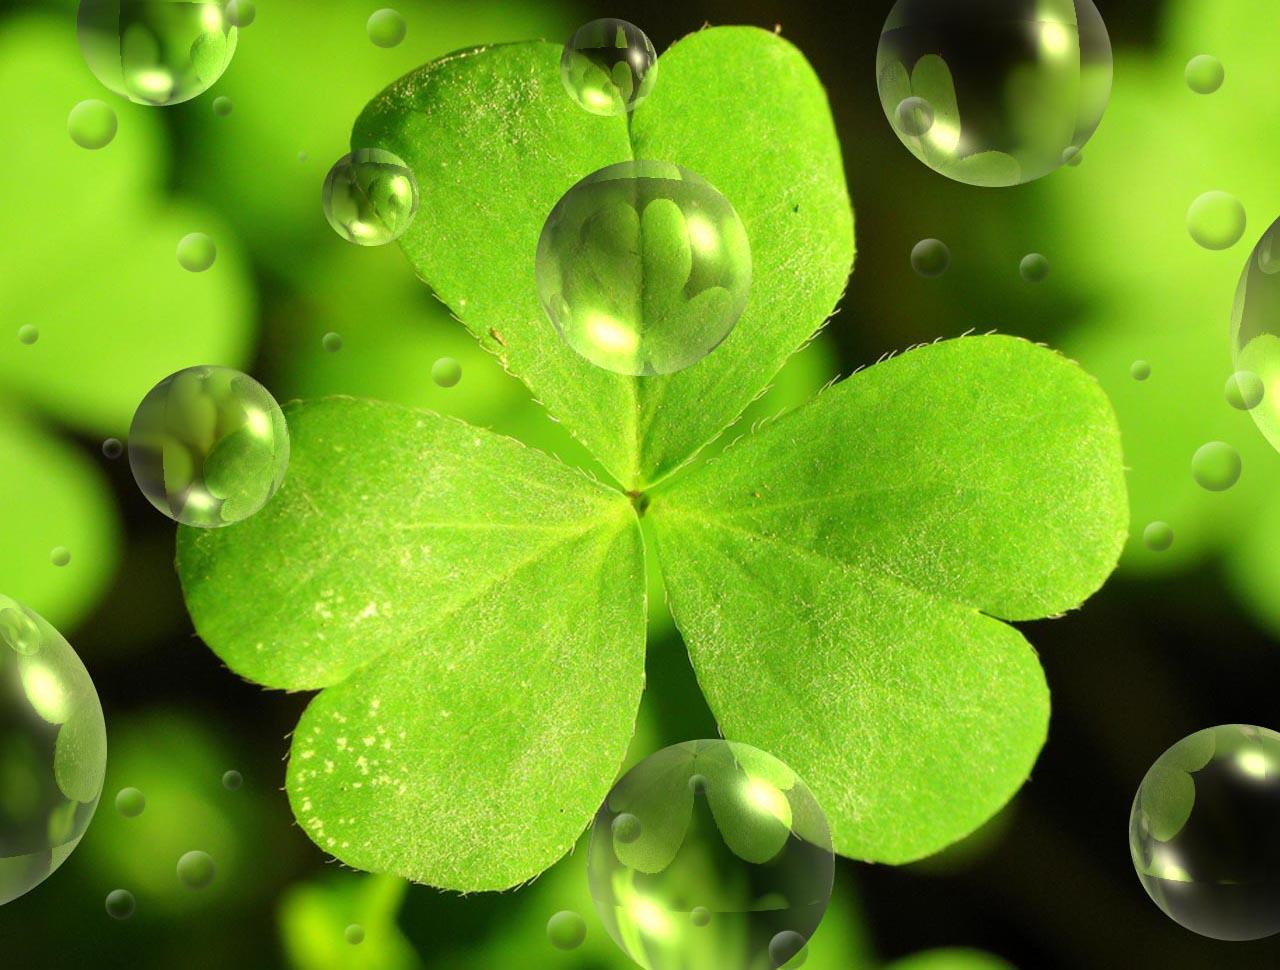 Clover-Leaf-For-St-Patricks-Day